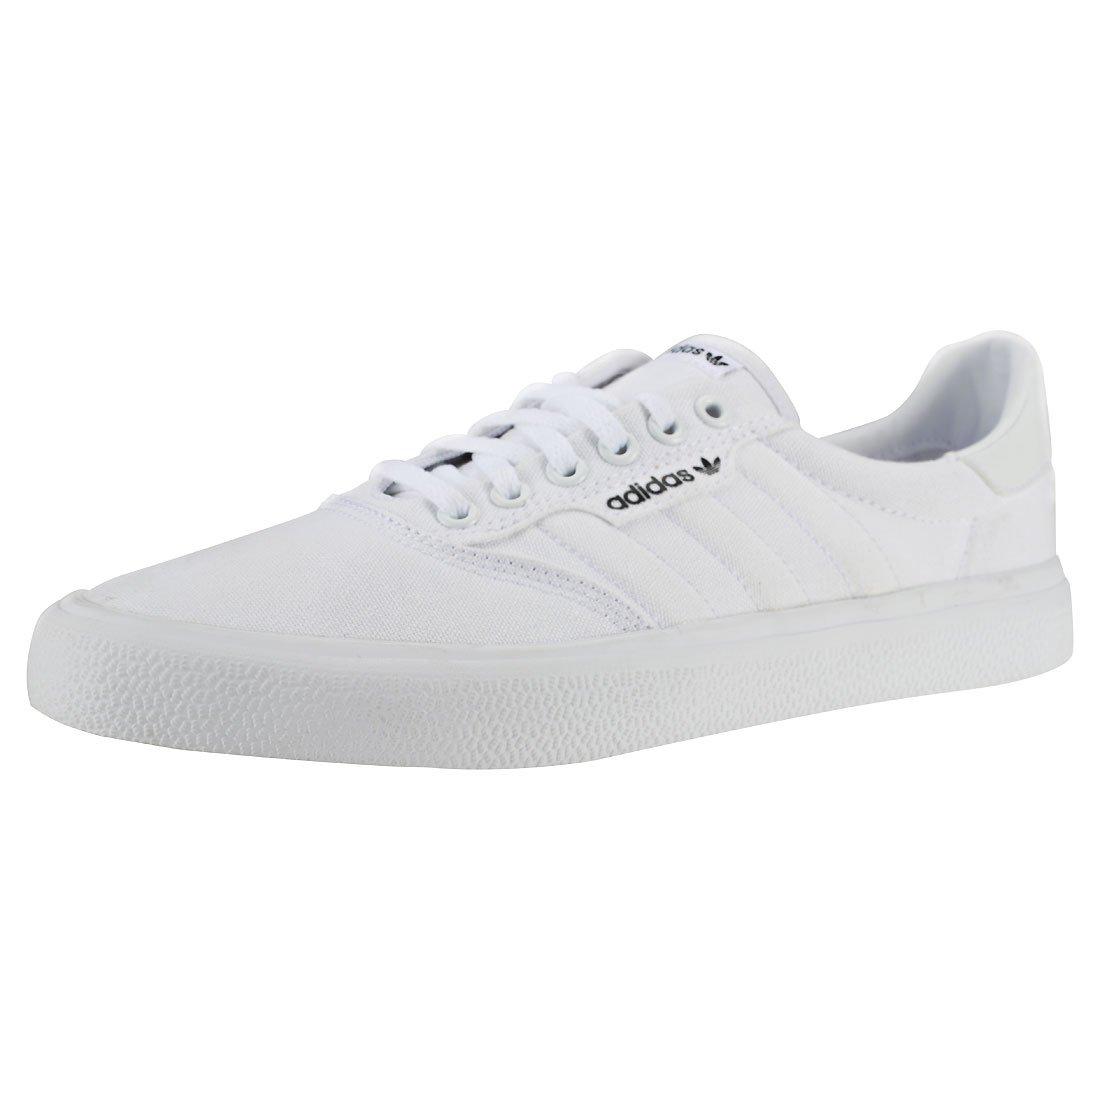 Adidas 3MC Calzado 46 2/3 EU Blanco (Ftwbla/Dormet 000)